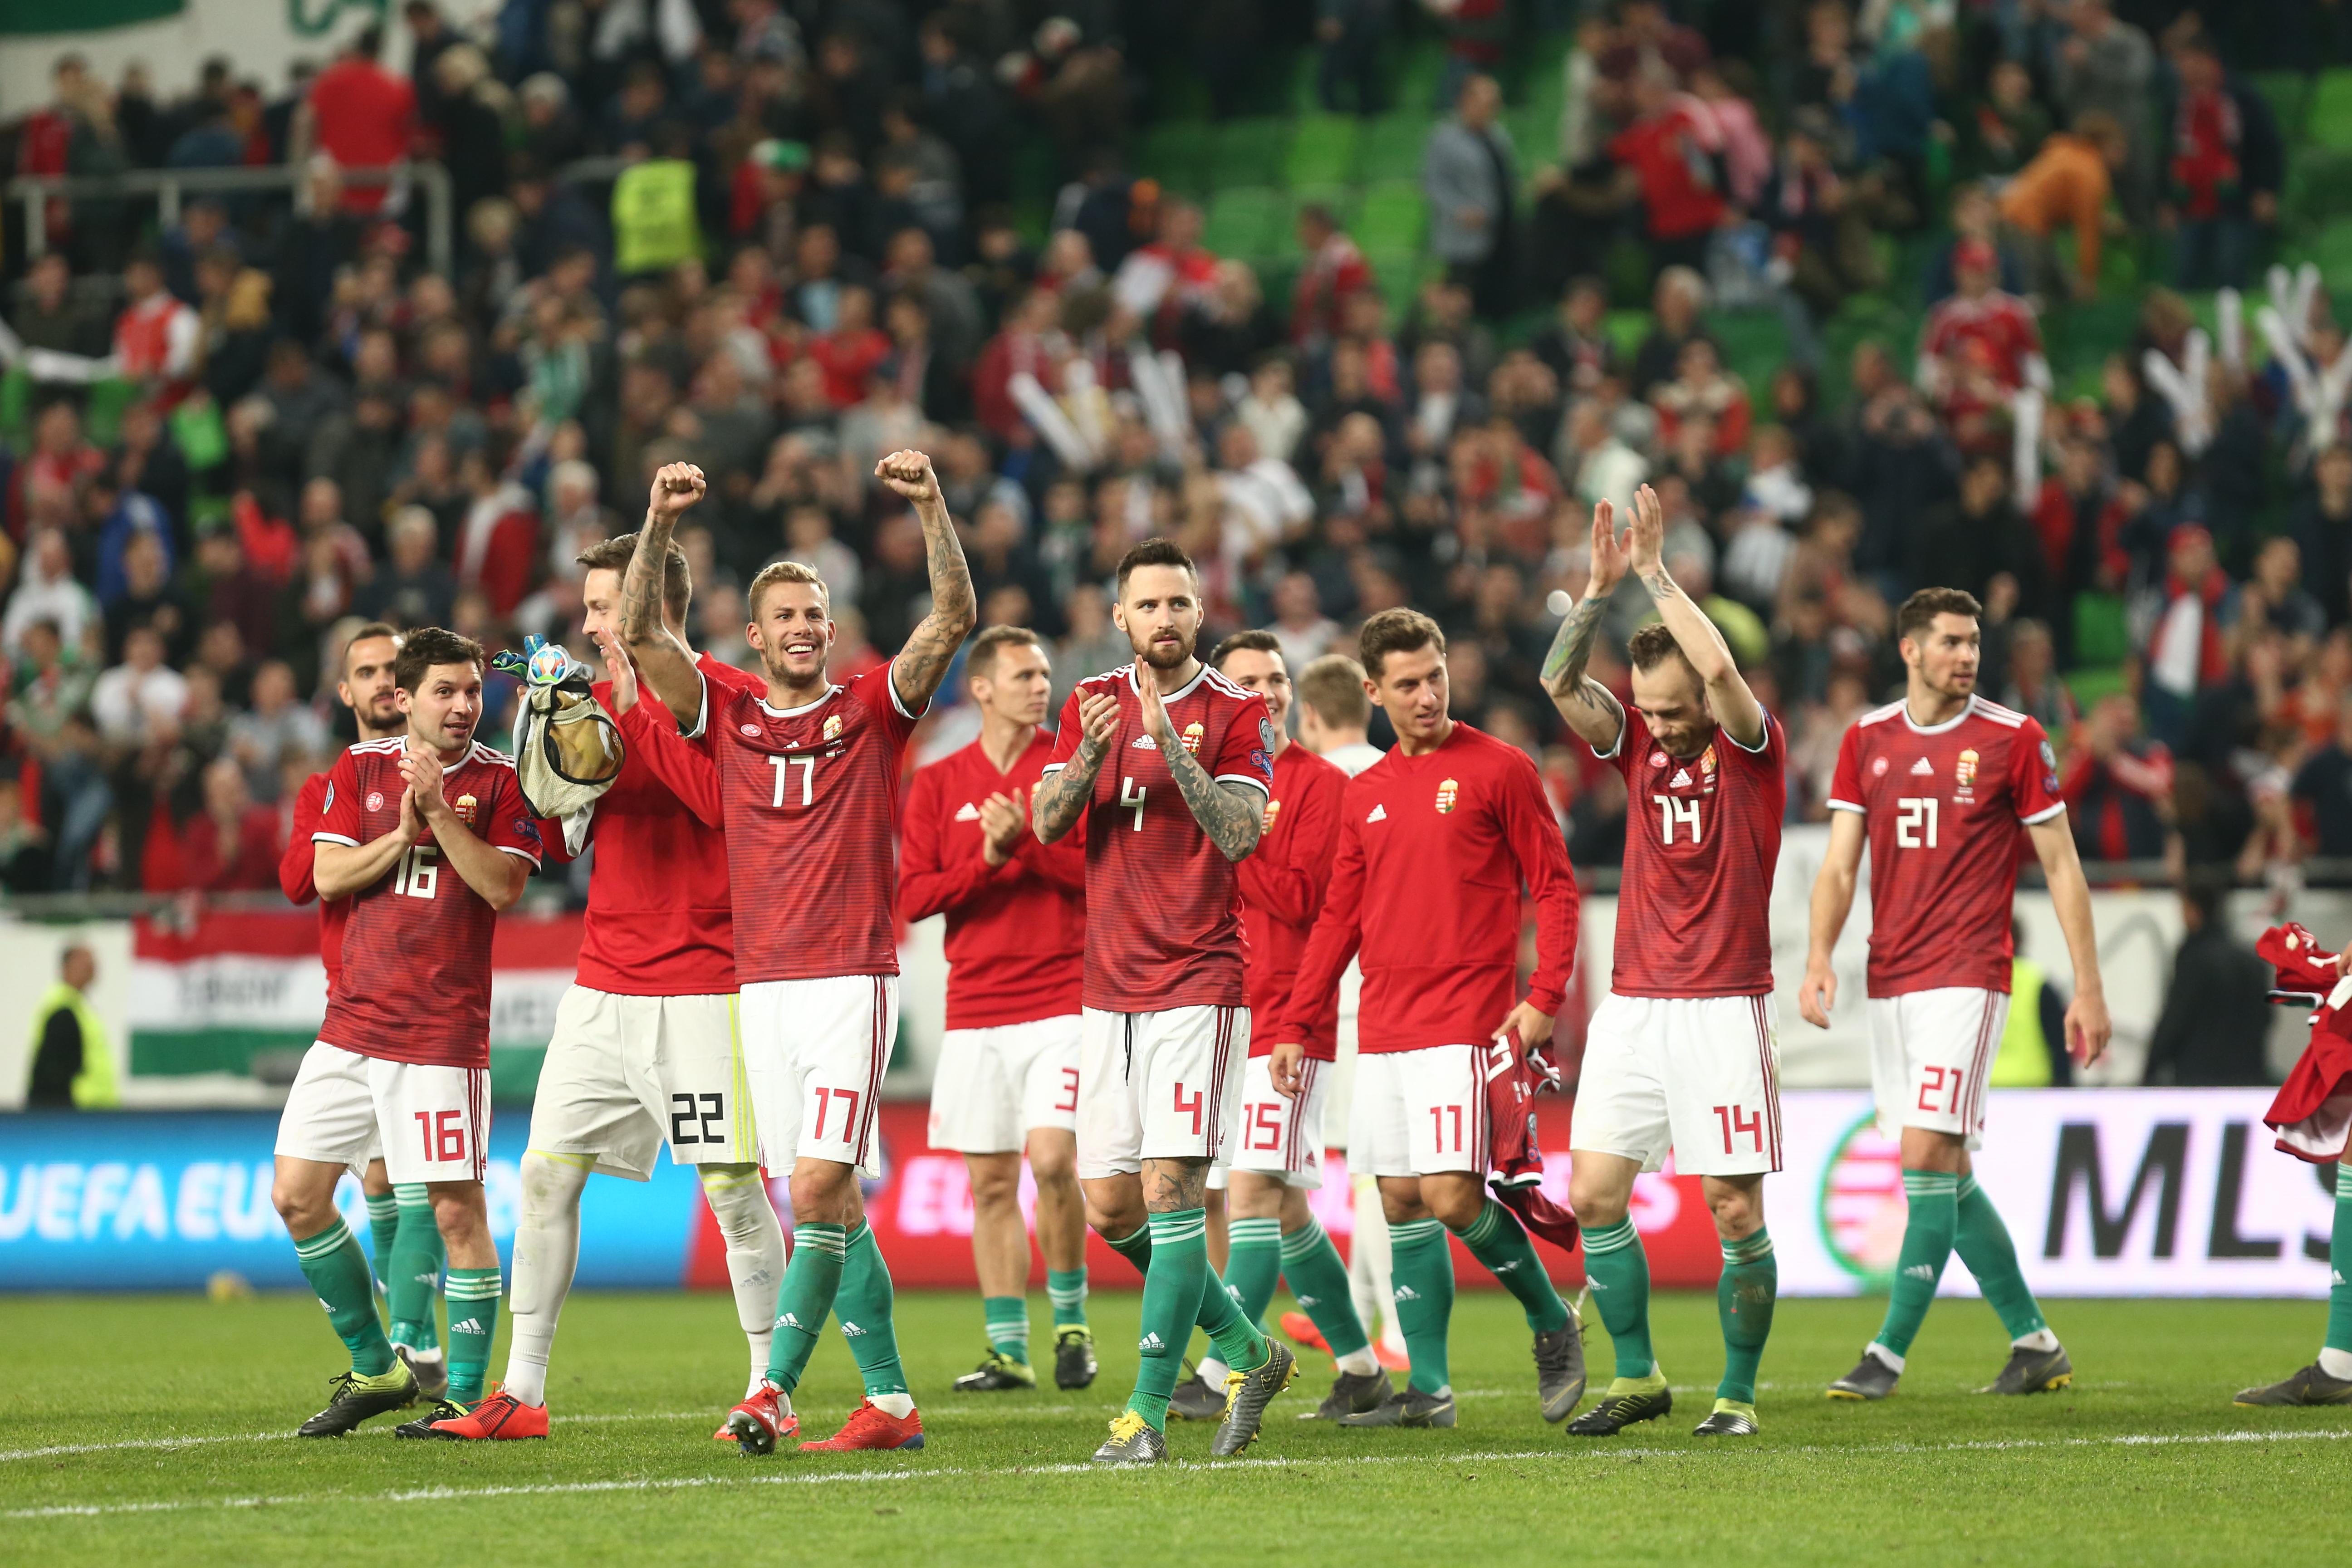 41e6e7e780 Feledhetetlen este: a magyarok voltak a sztárok, nem az aranylabdás Modric